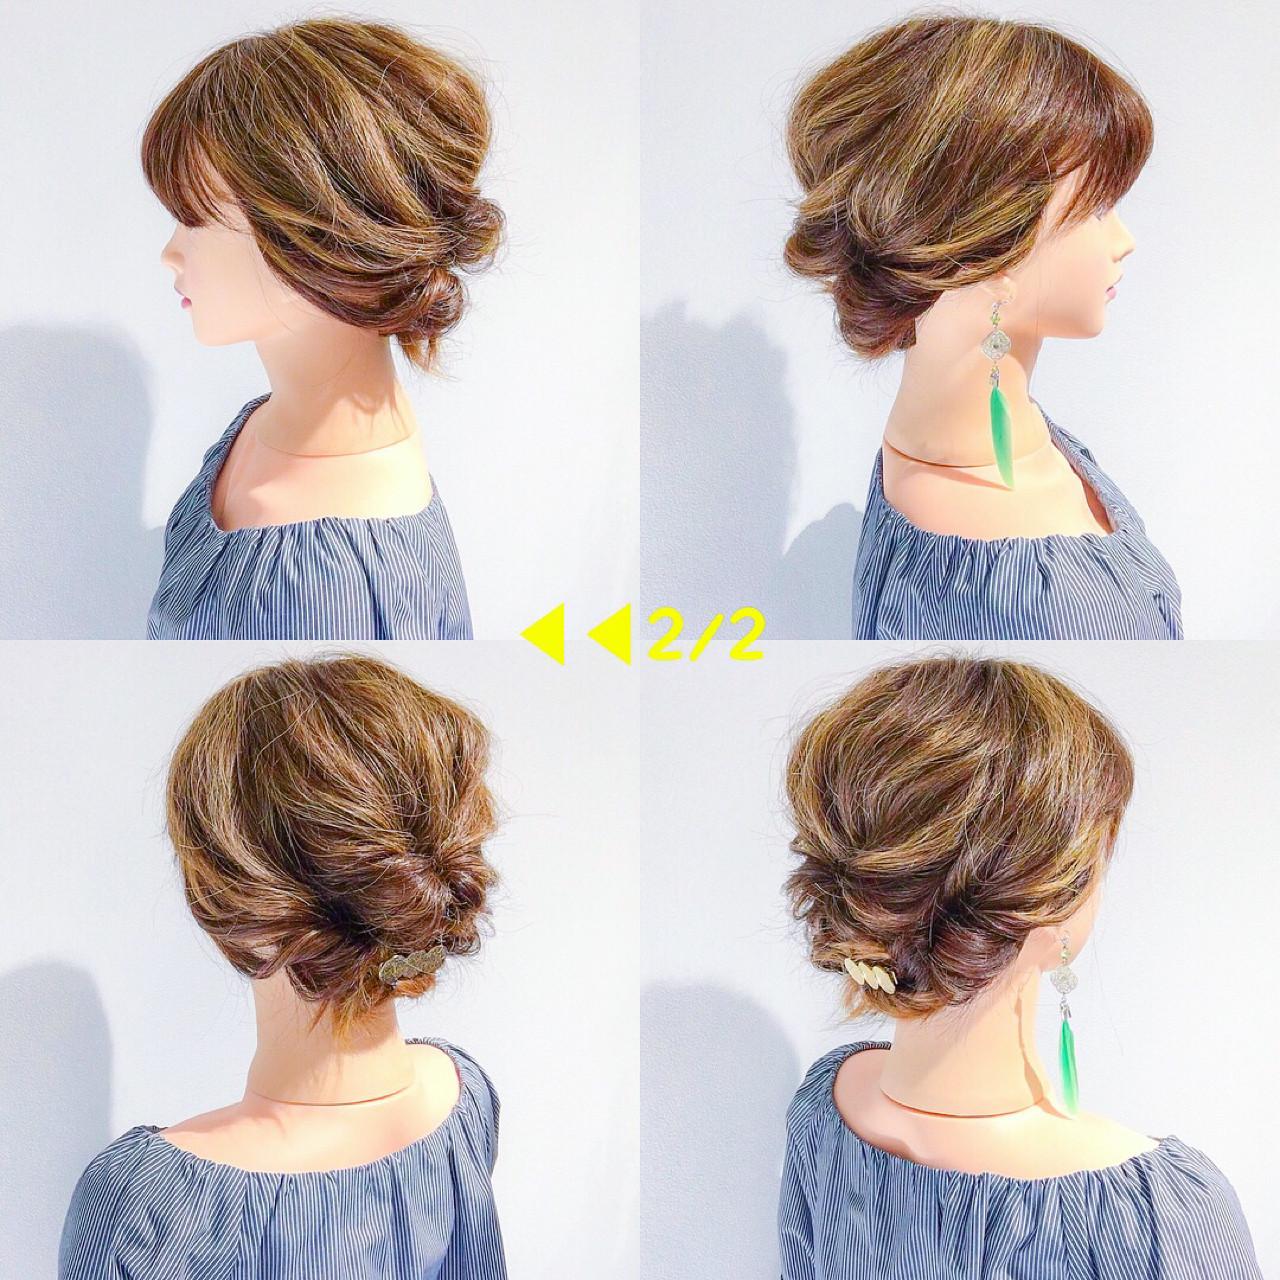 デート ボブ ヘアアレンジ フェミニン ヘアスタイルや髪型の写真・画像 | 美容師HIRO/Amoute代表 / Amoute/アムティ